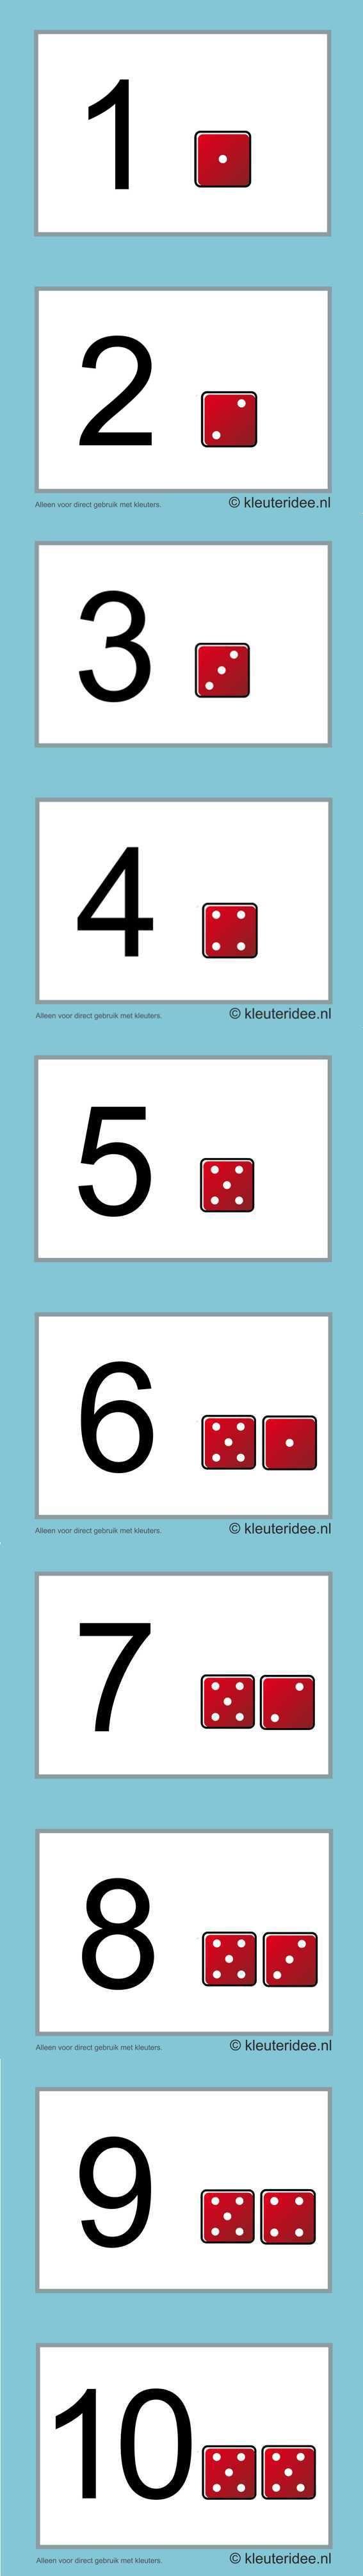 Cijferkaarten voor kleuters 1-10, kleuteridee, number cards for preschool , free printable.